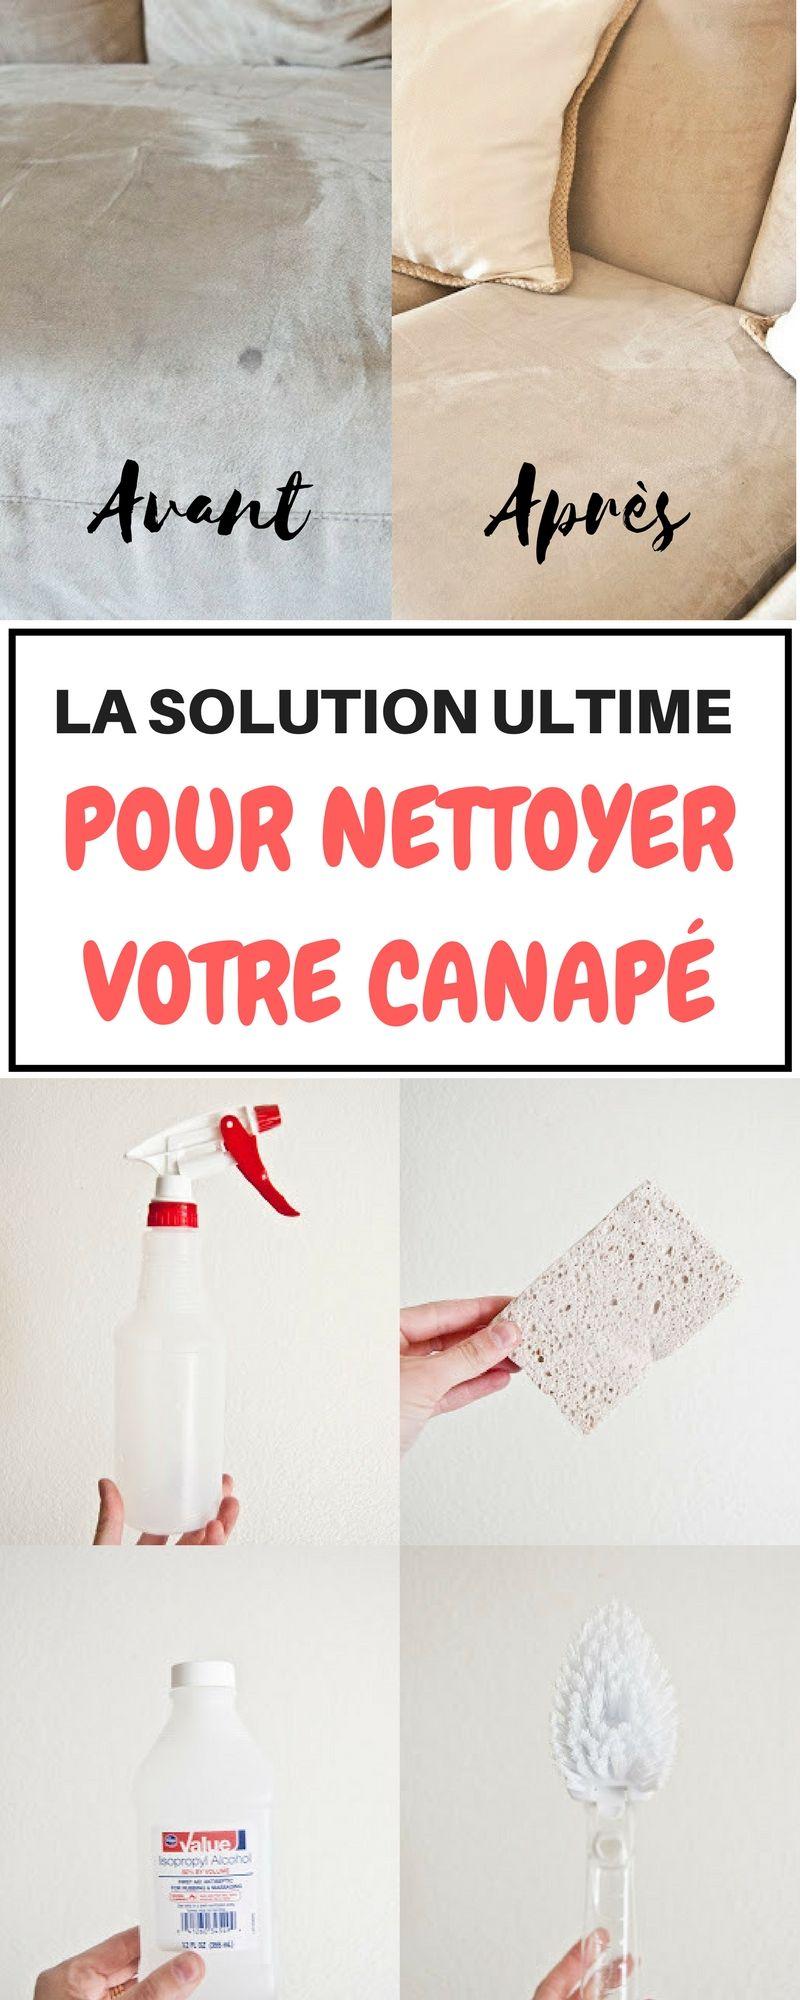 33 gÉniales astuces de nettoyage | fmg | pinterest | le bicarbonate